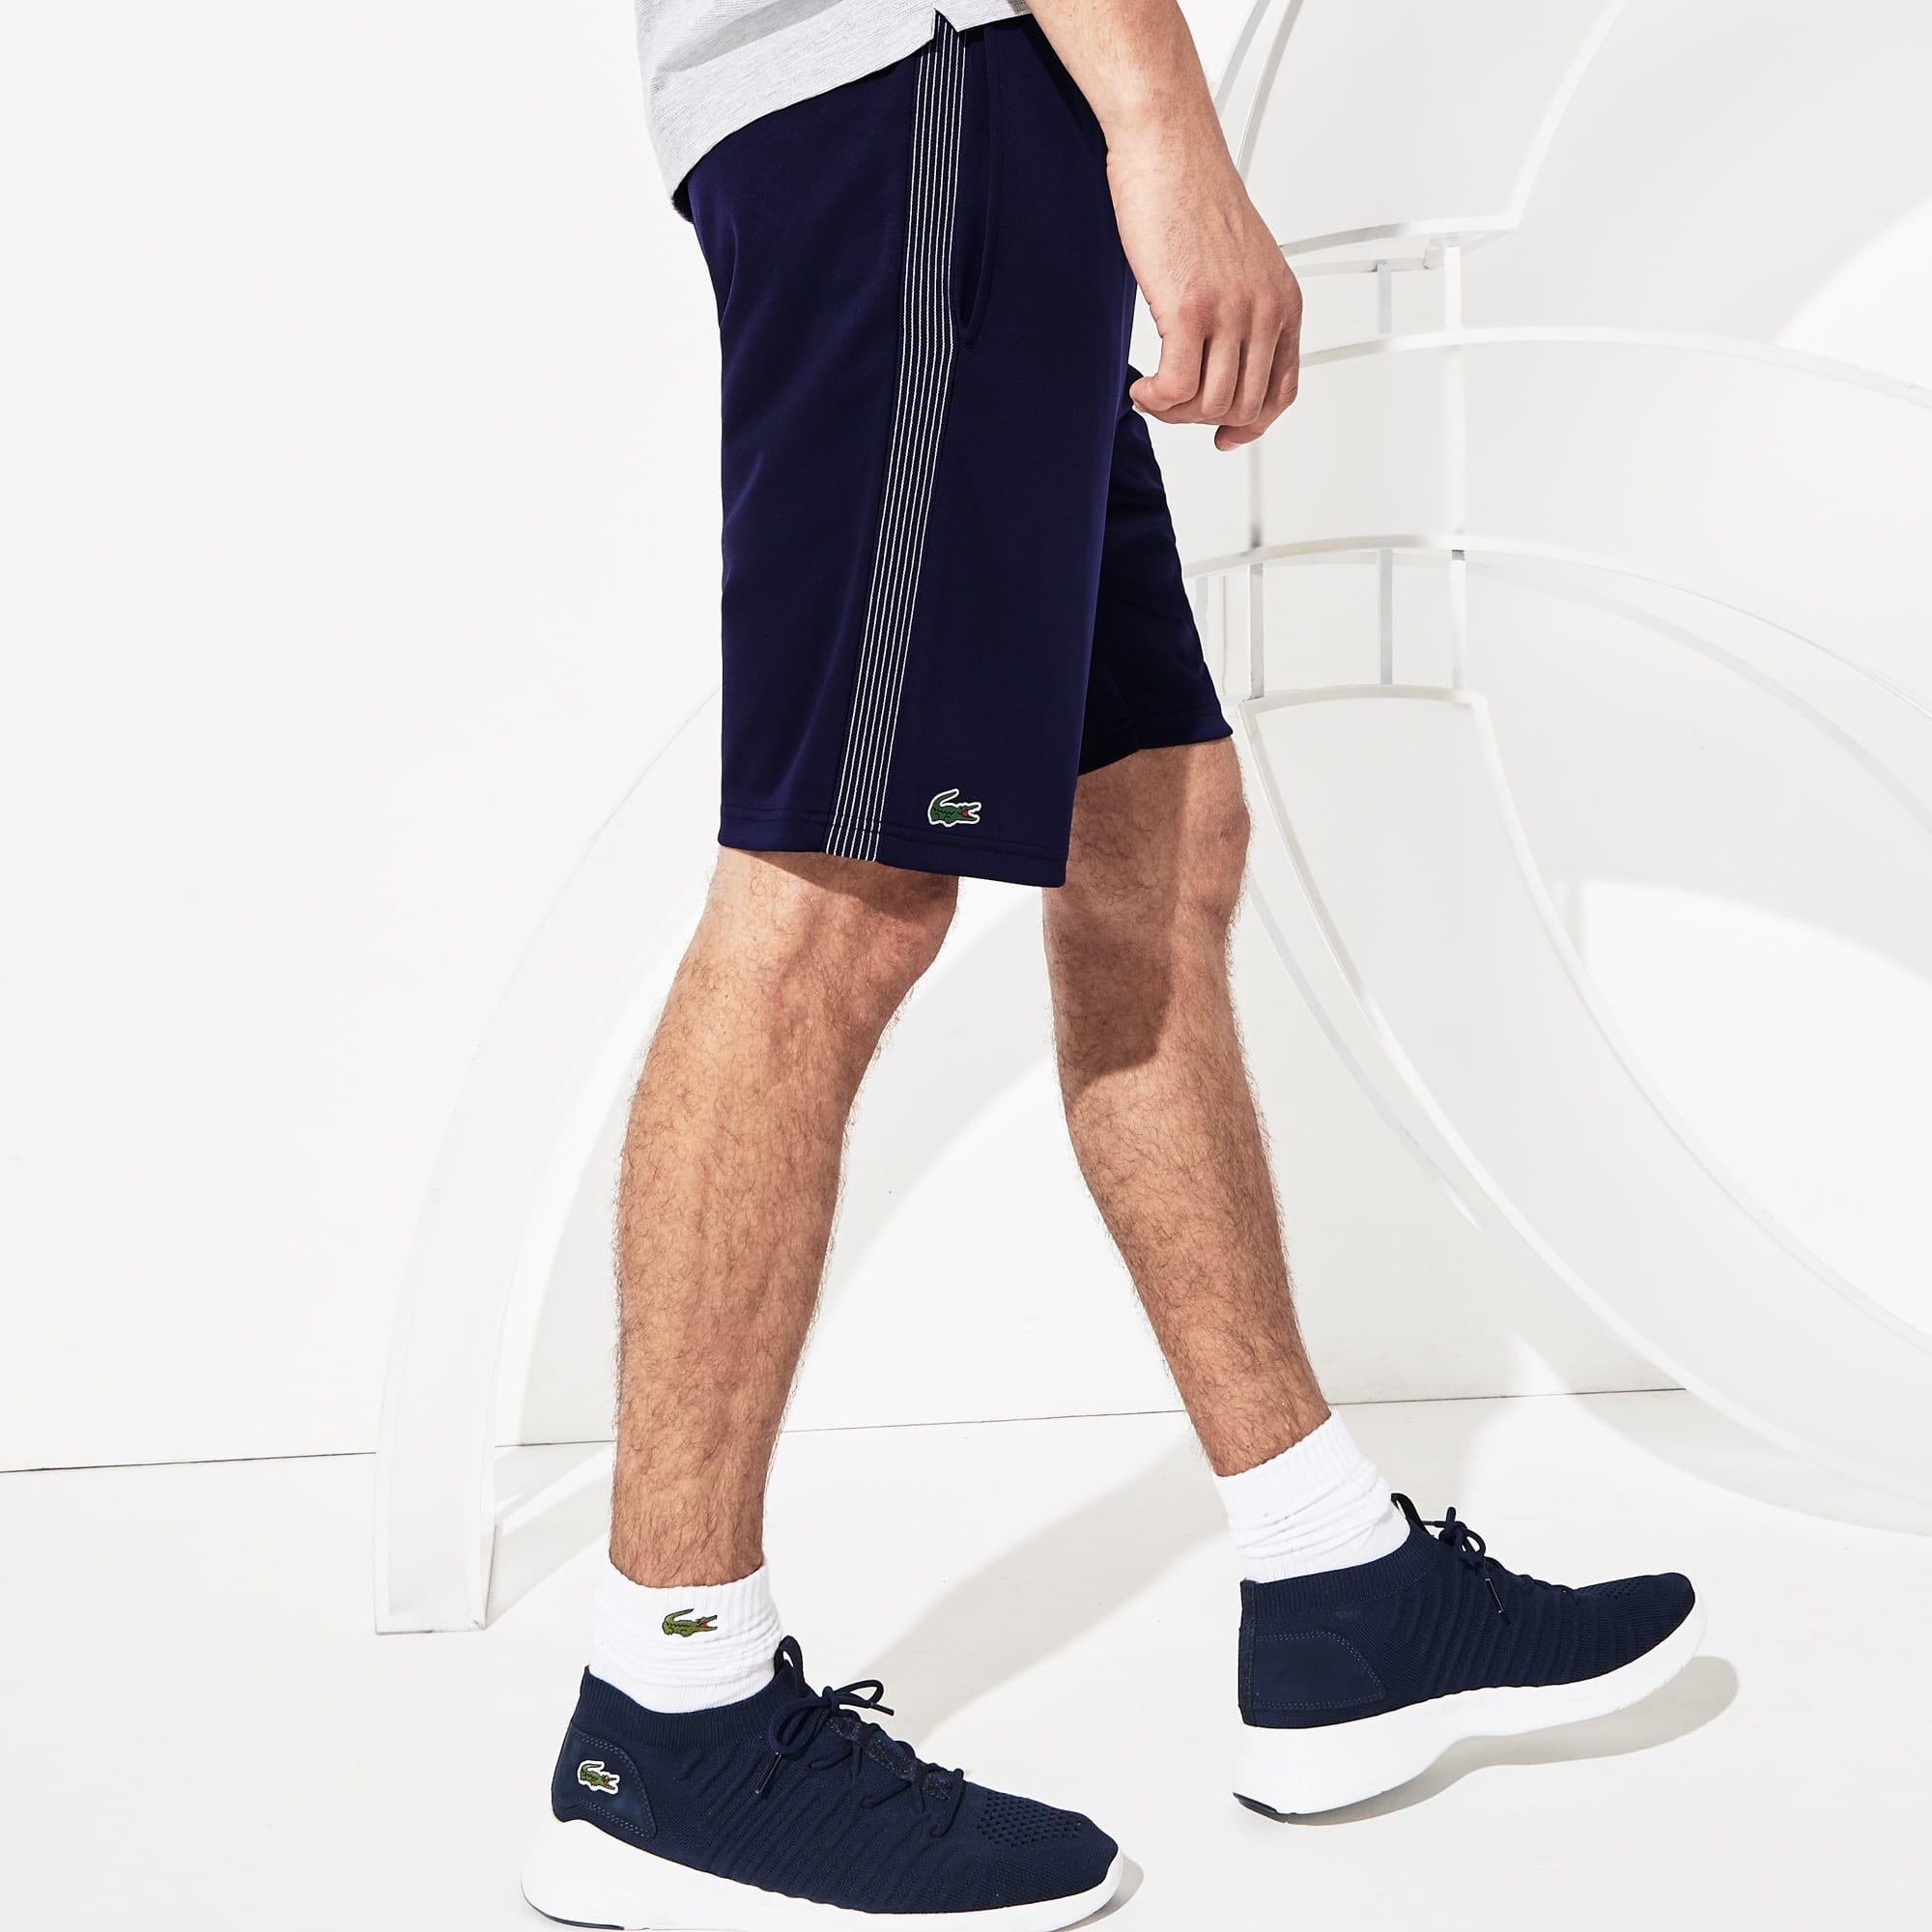 lacoste shorts india